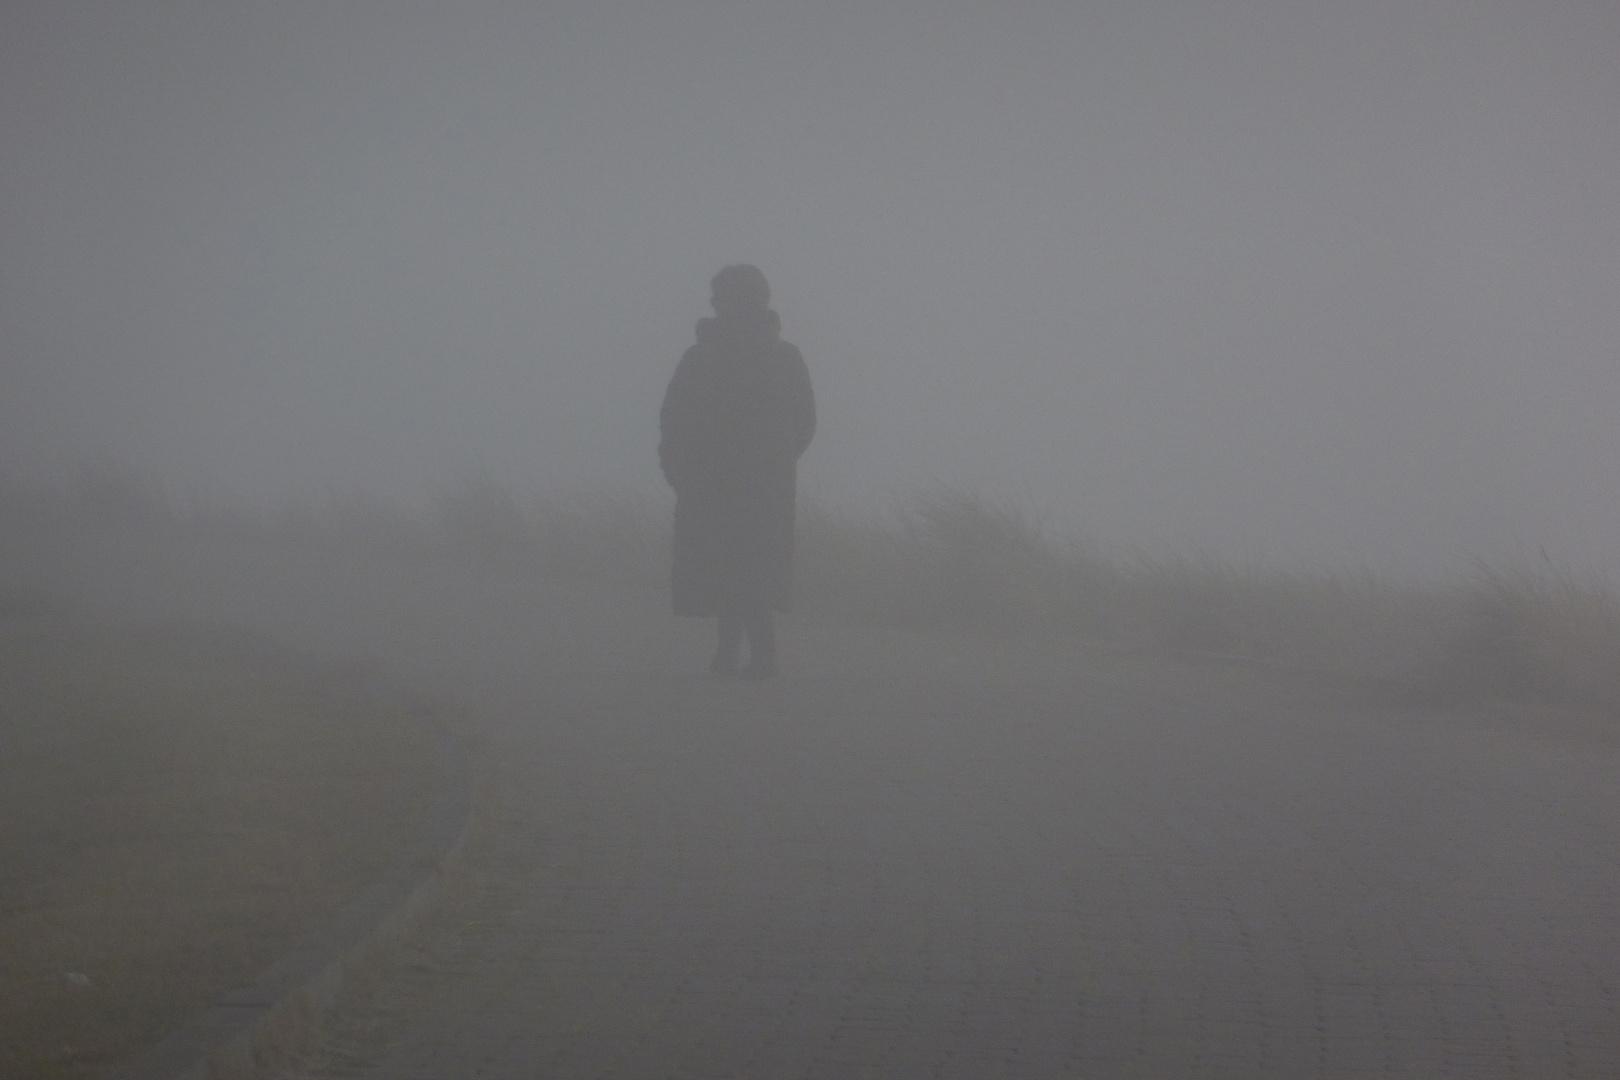 Spaziergängerin im Nebel. Bloß nicht verlaufen ...